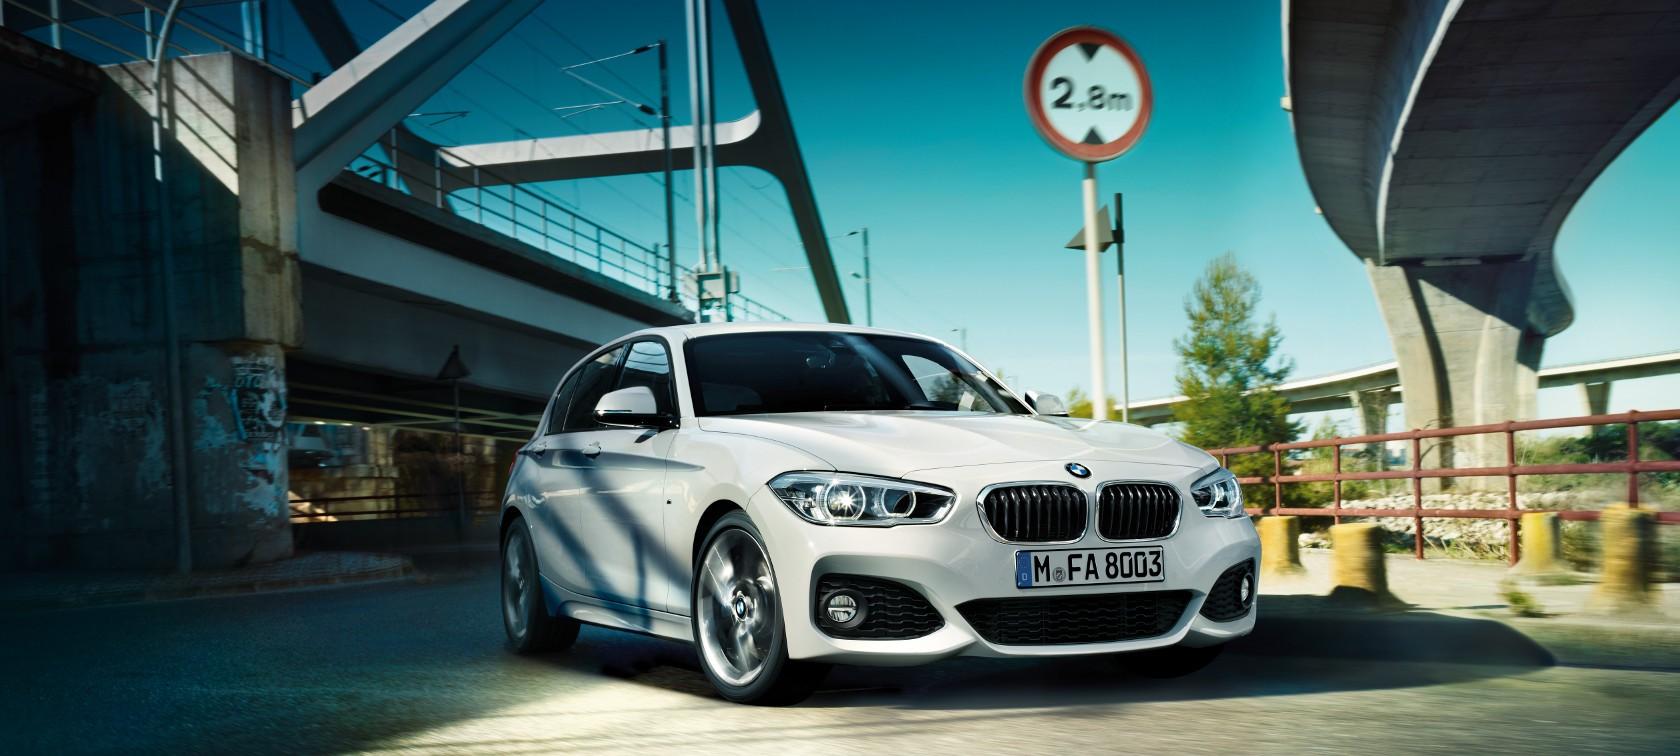 InstantStatusUpdate. The BMW 1